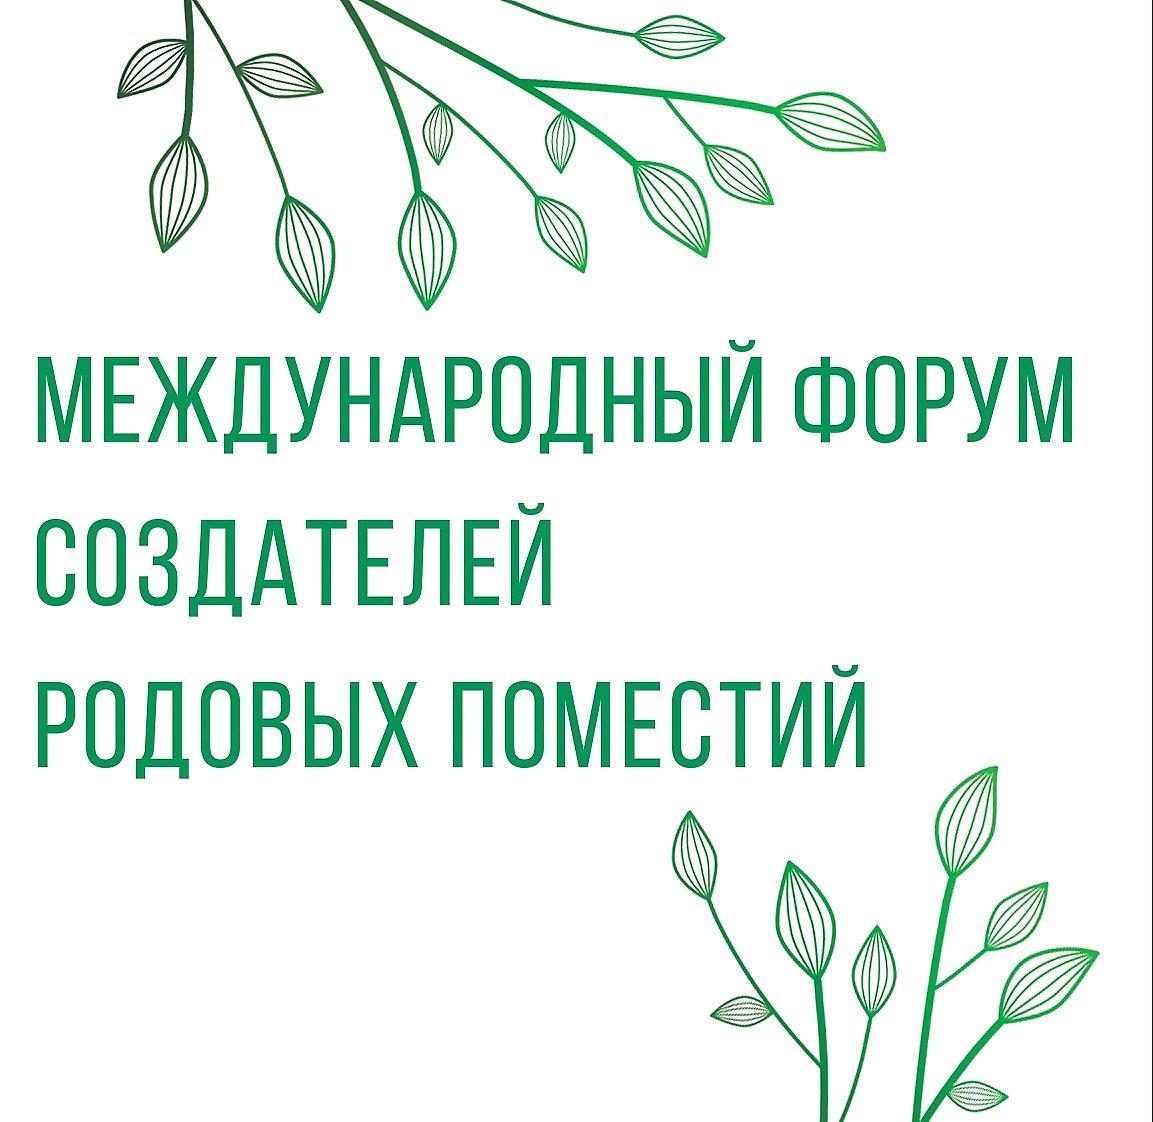 25.11.2018 Международная научно-практическая конференция, г. Минск, Беларусь